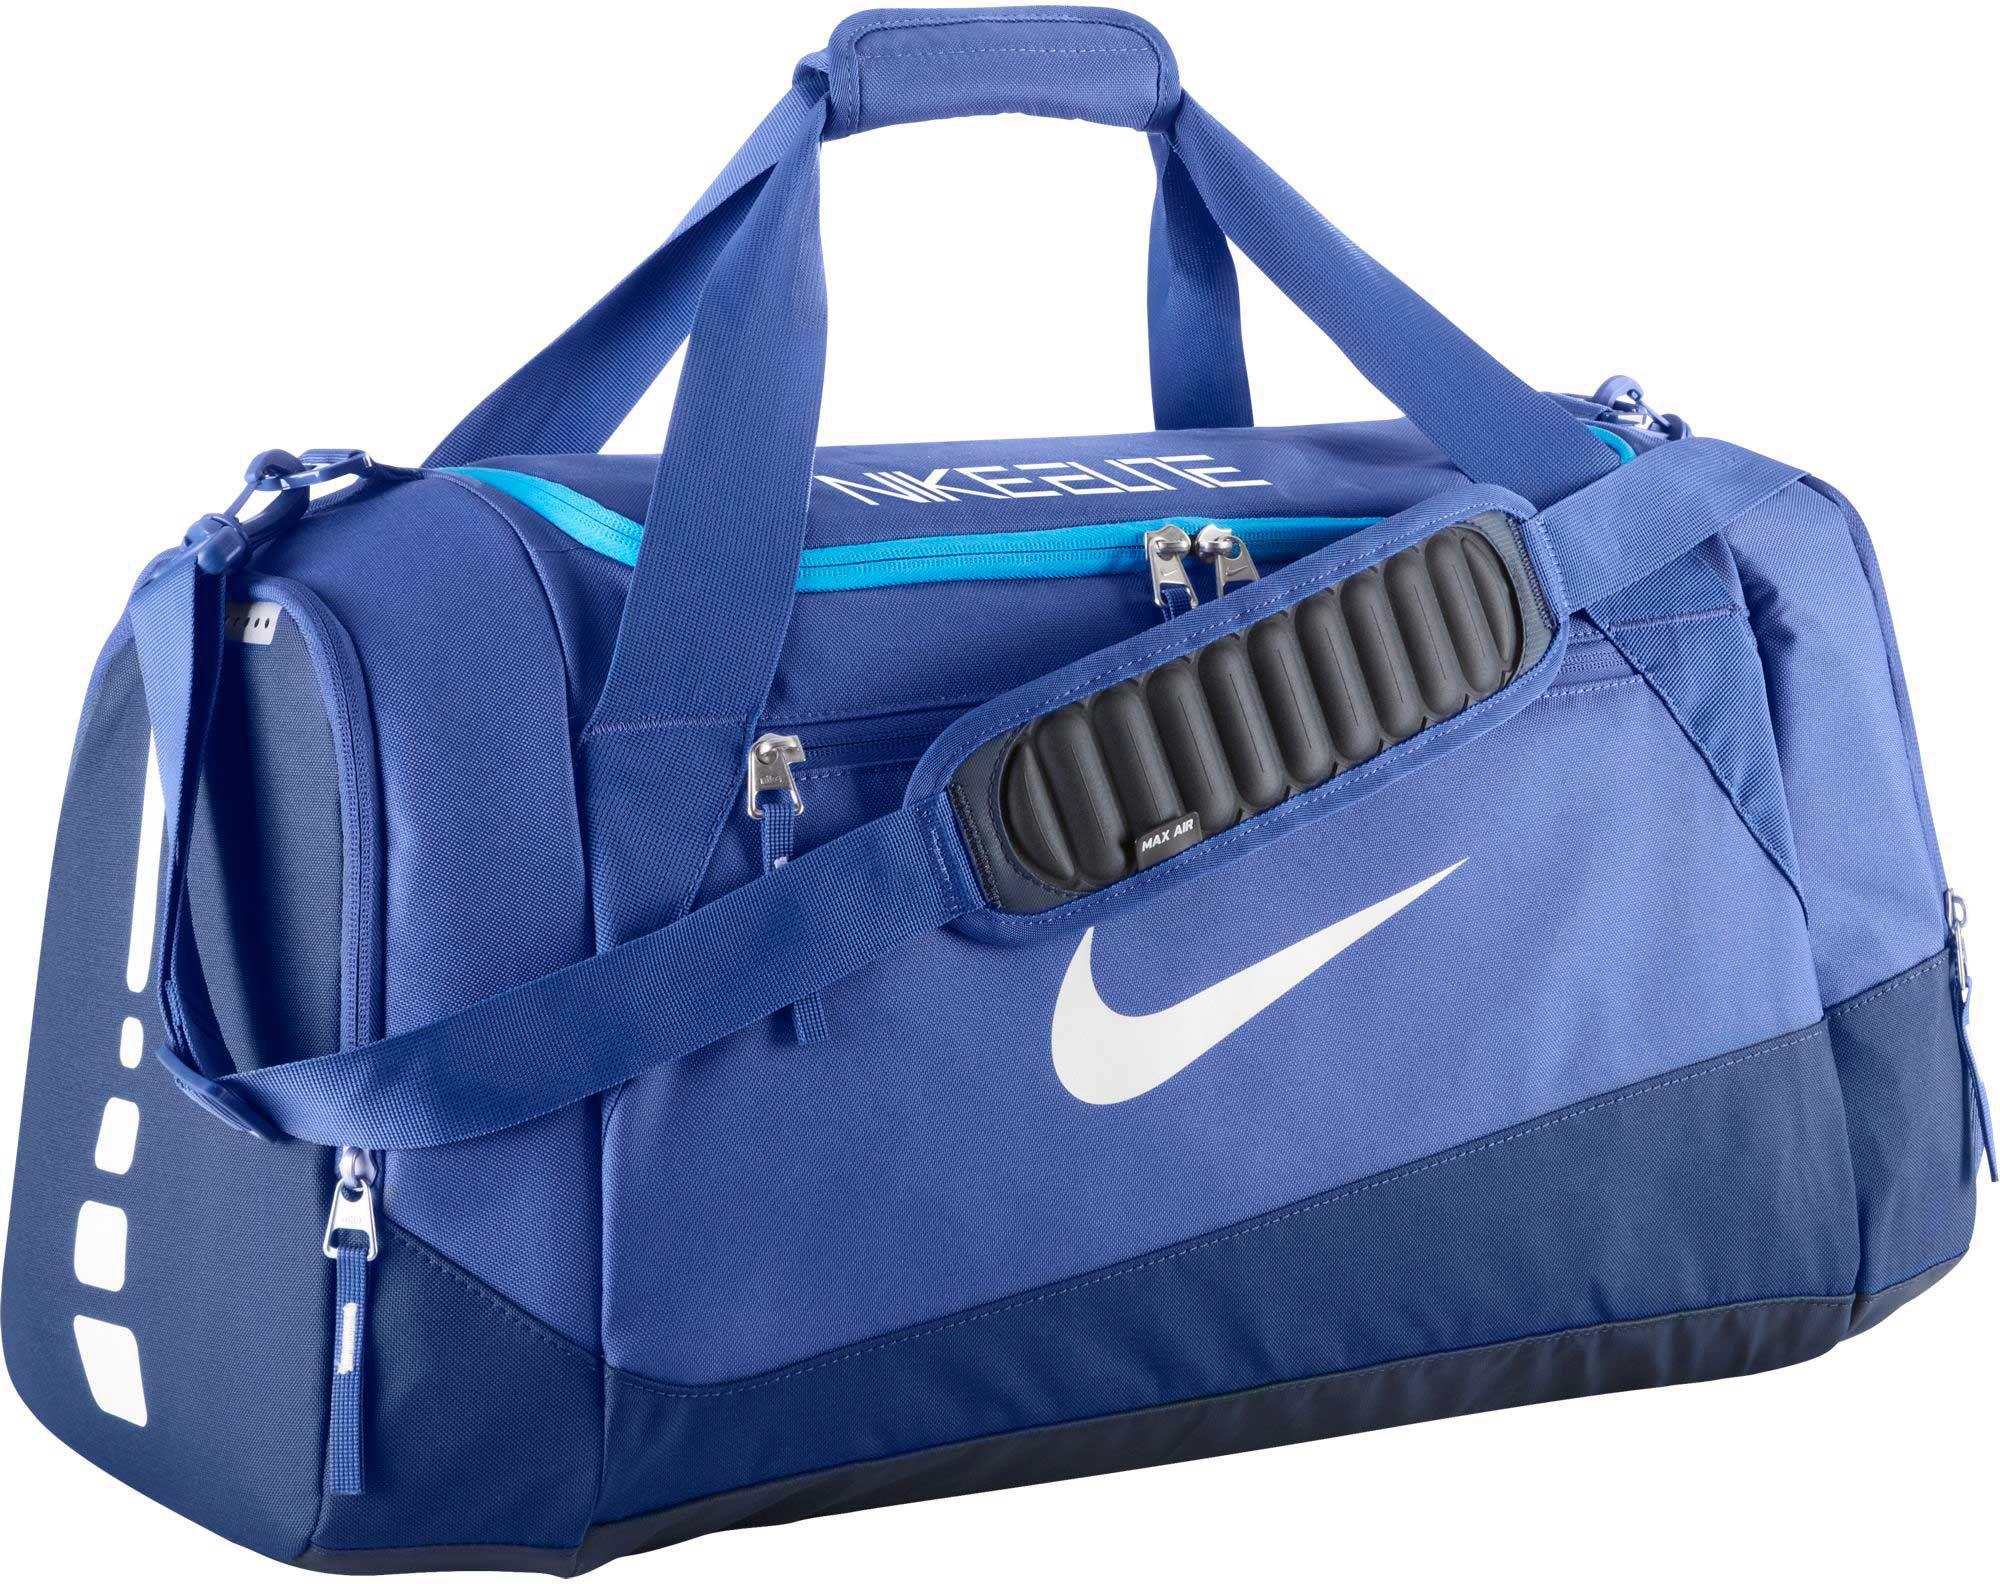 Nike Team Training Max Air Duffel Bag Large  69e8d039334a2